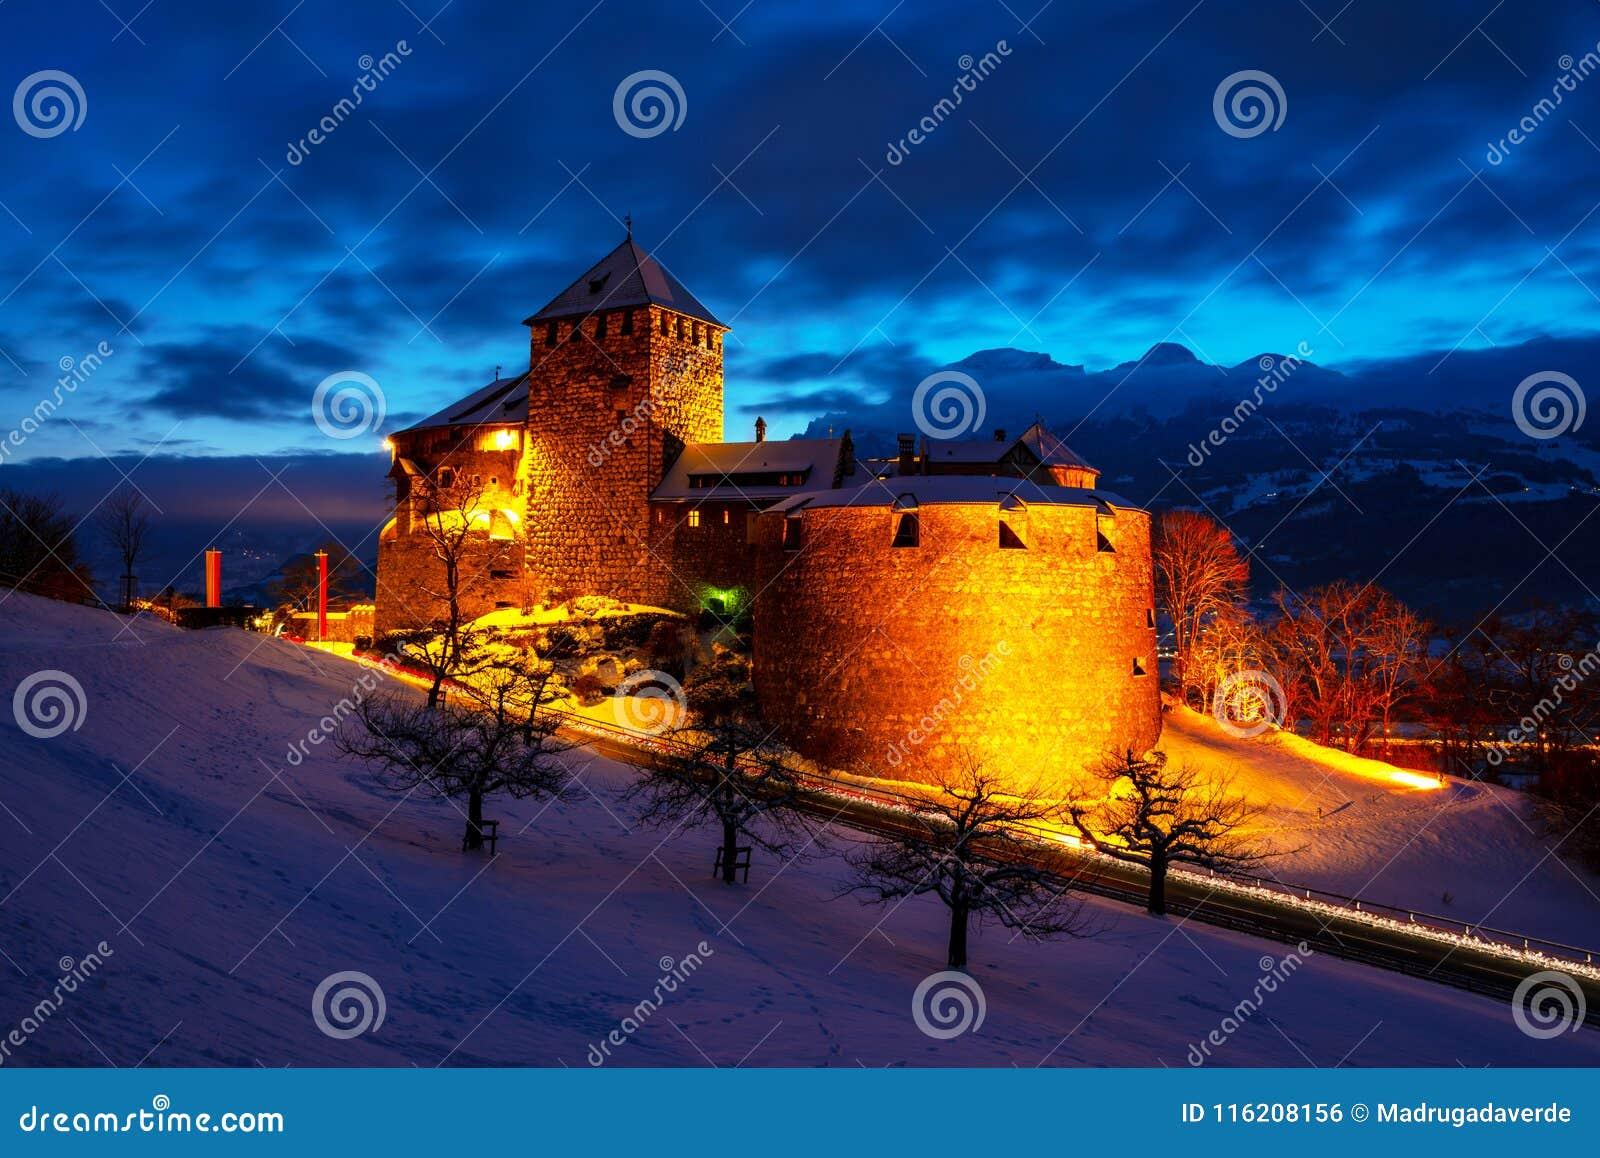 Illuminated castle of Vaduz, Liechtenstein at sunset - popular landmark at night